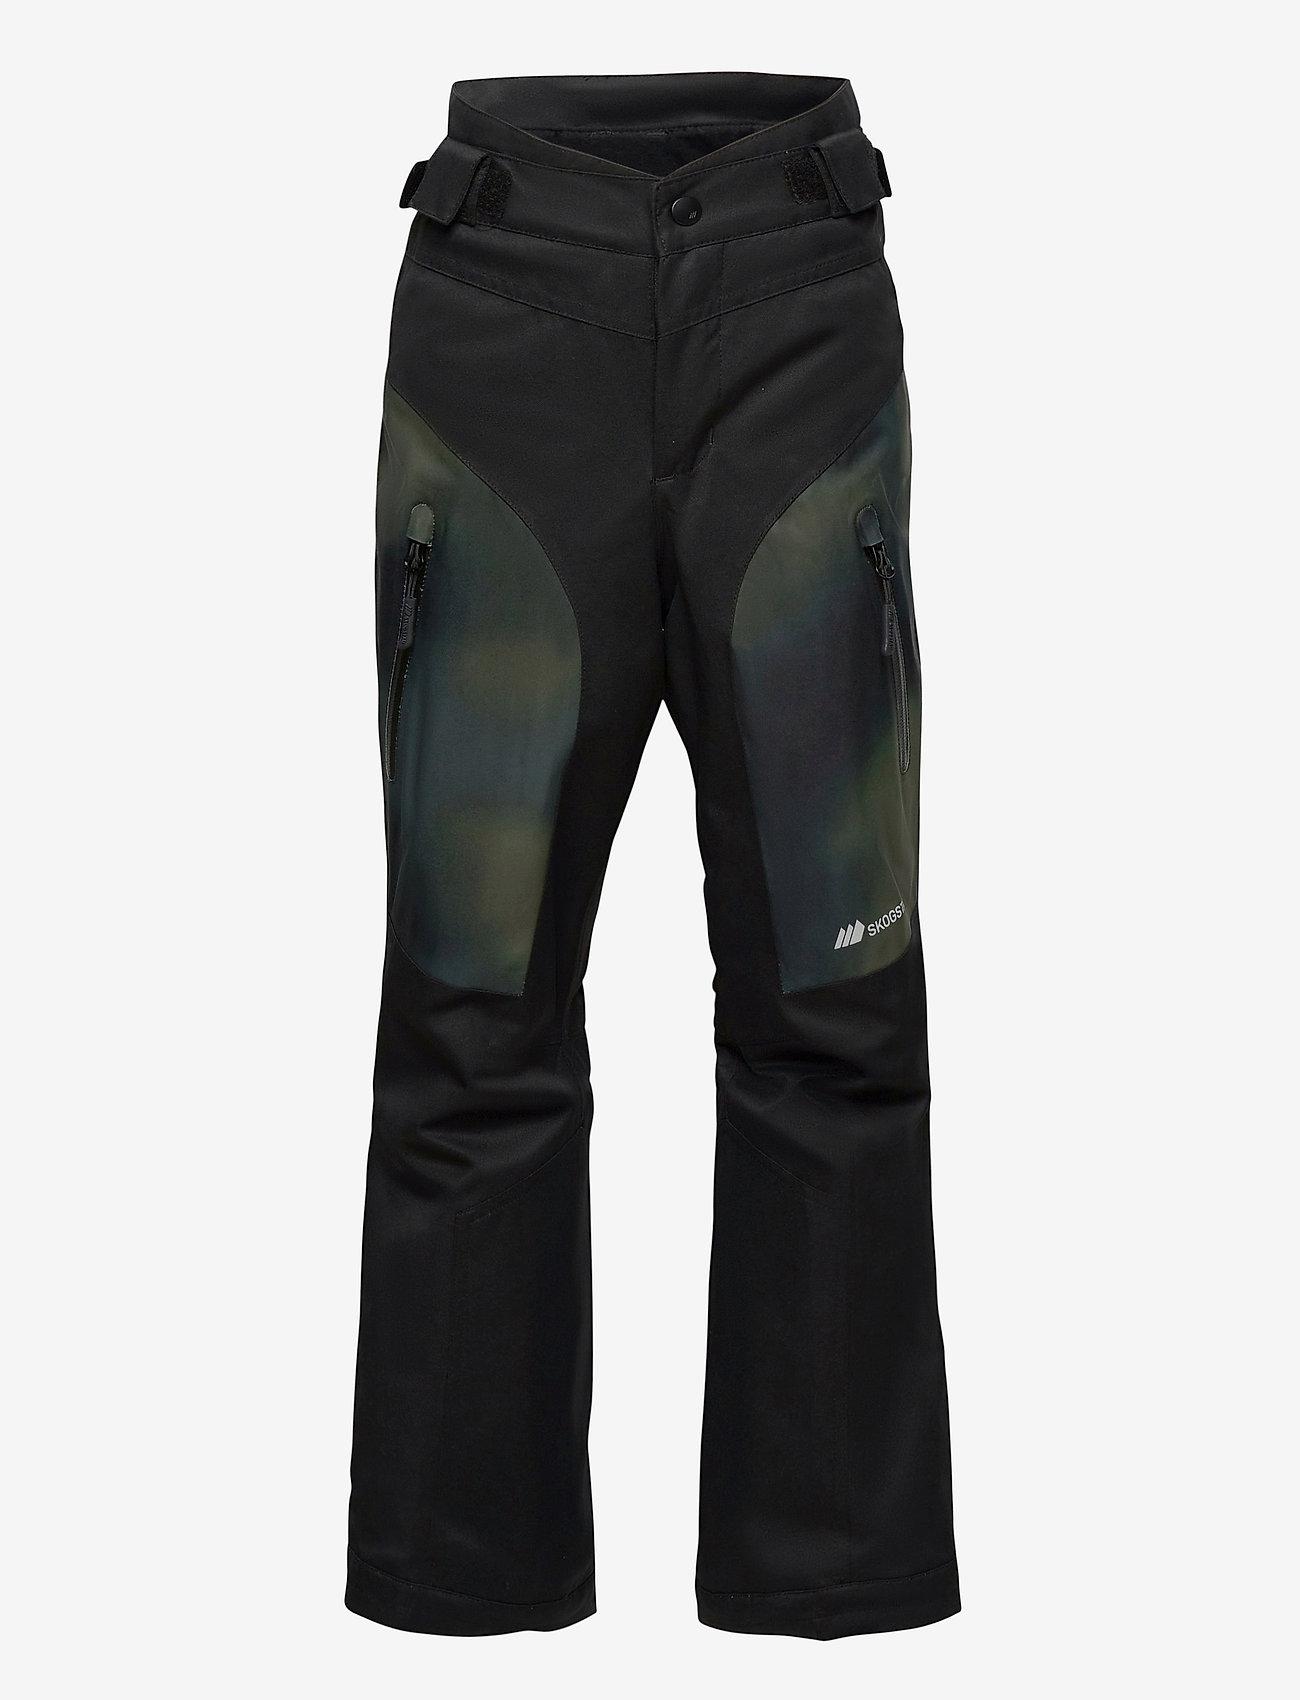 Skogstad - Gaustadblikk 2-layer technical ski trousers - overtræksbukser - black - 1